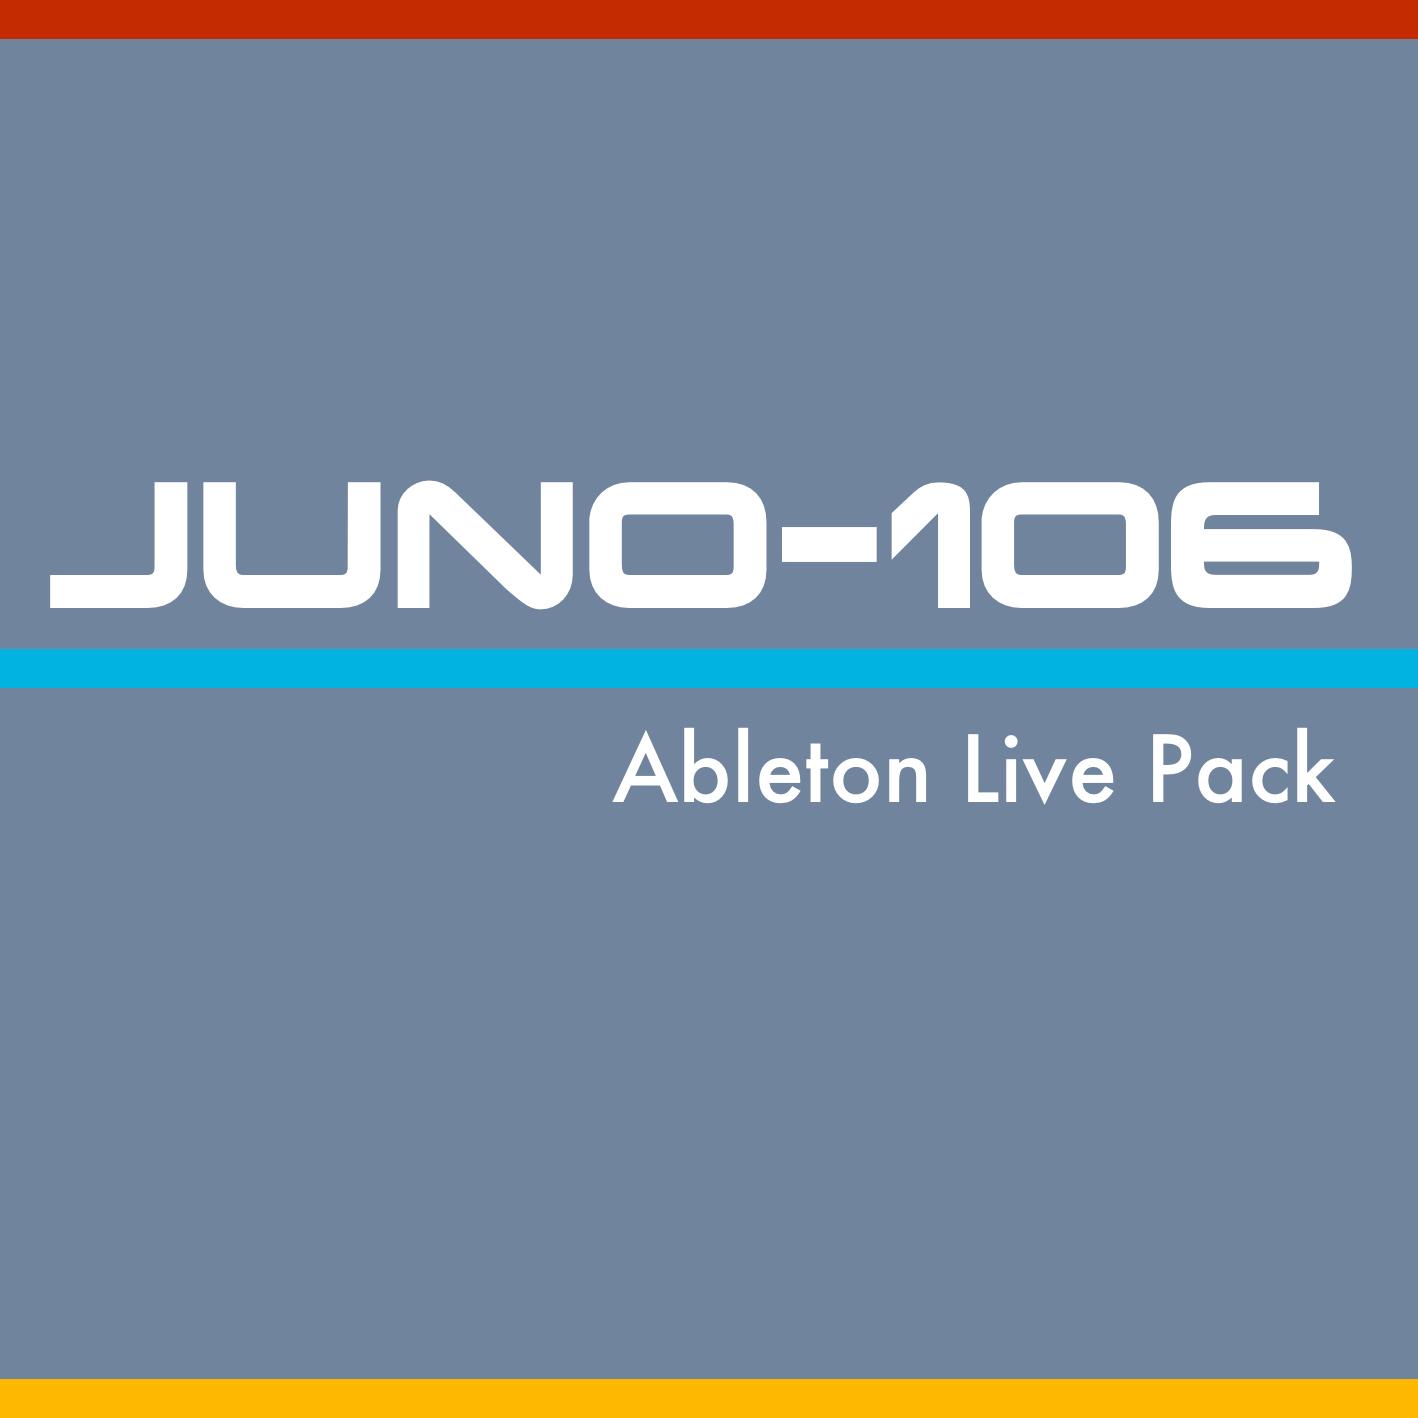 ADM Juno 106.jpg